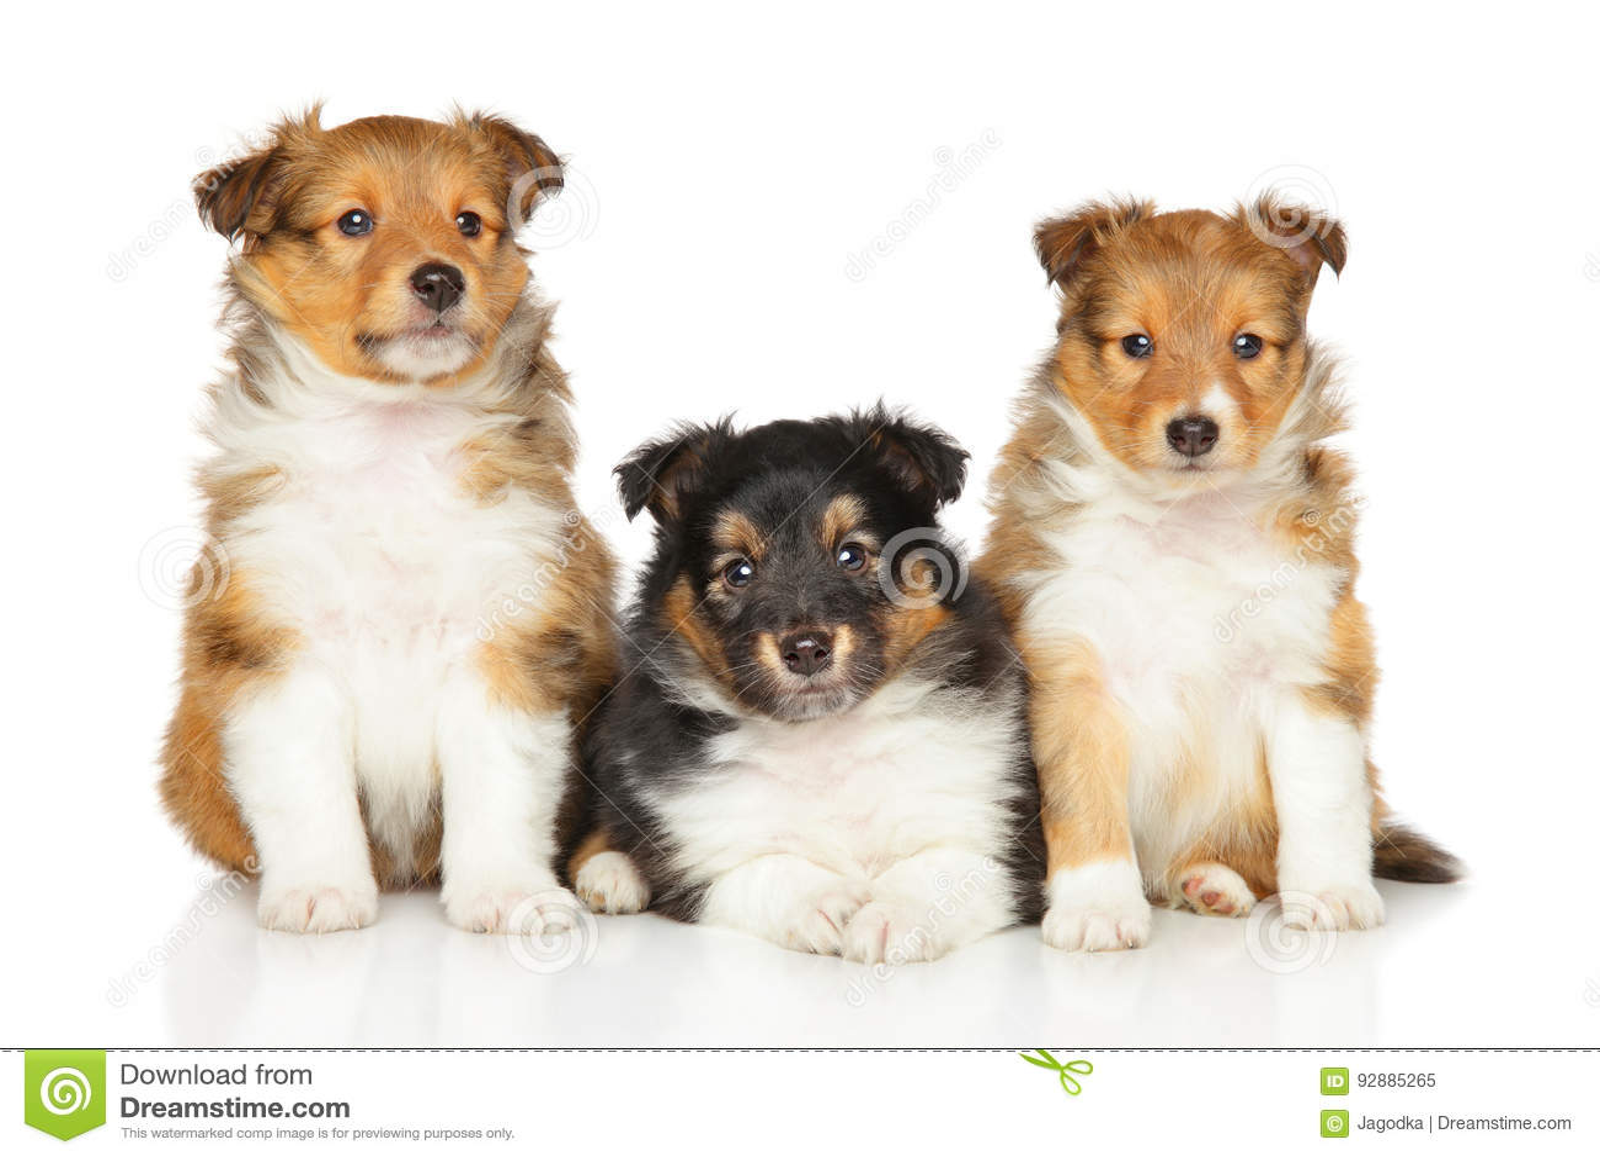 Cuccioli Del Cane Pastore Di Shetland Immagine Stock Immagine Di